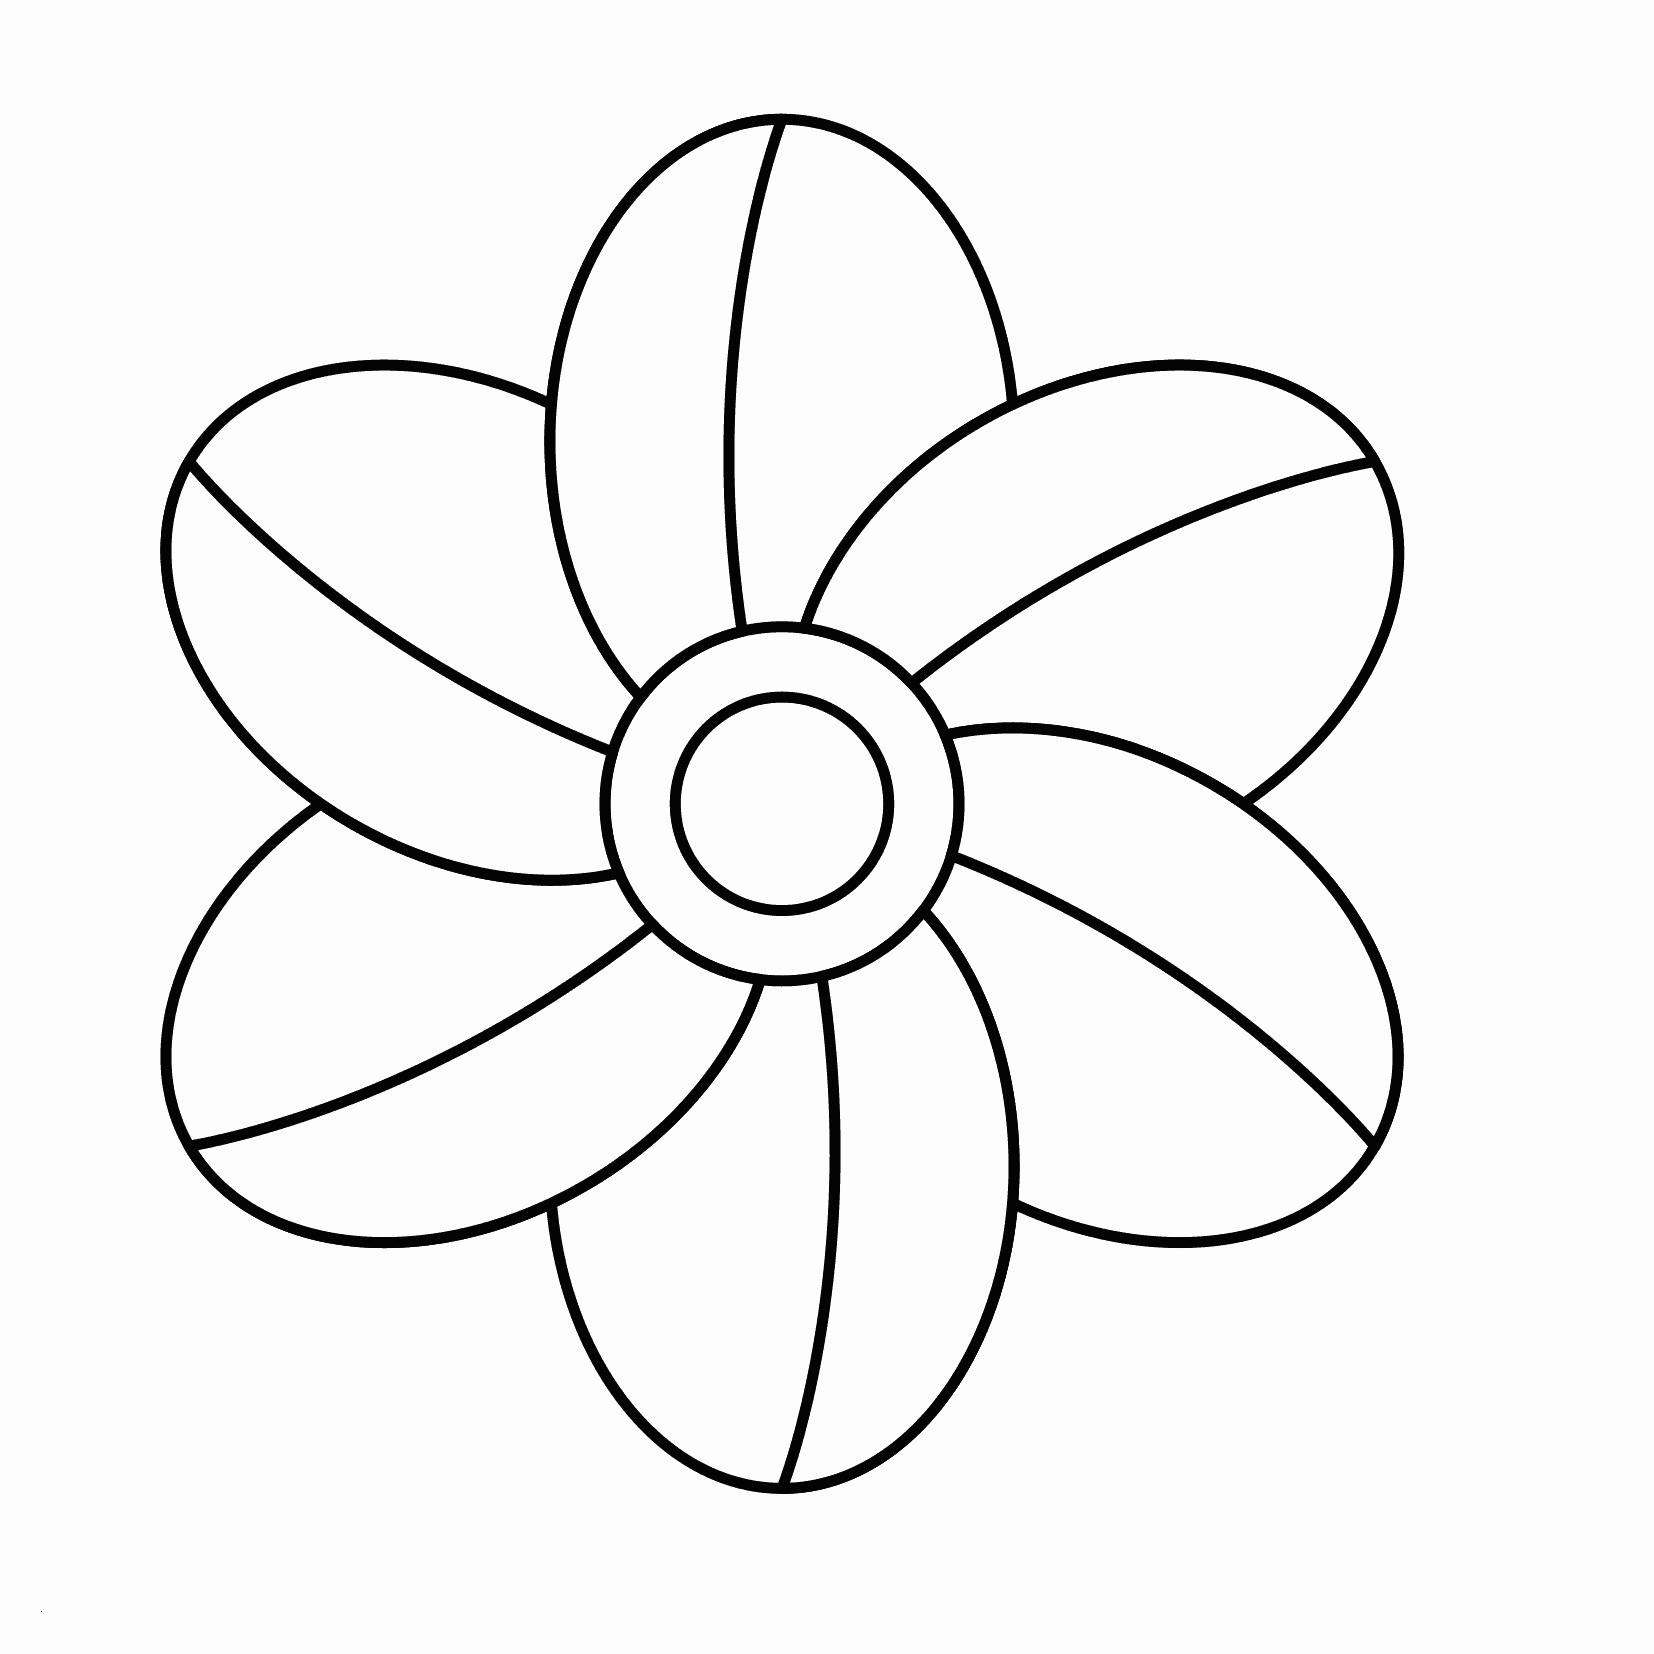 Blumenranken Zum Ausdrucken Inspirierend 46 Genial Fotografie Von Window Color Vorlagen Zum Ausdrucken Bild